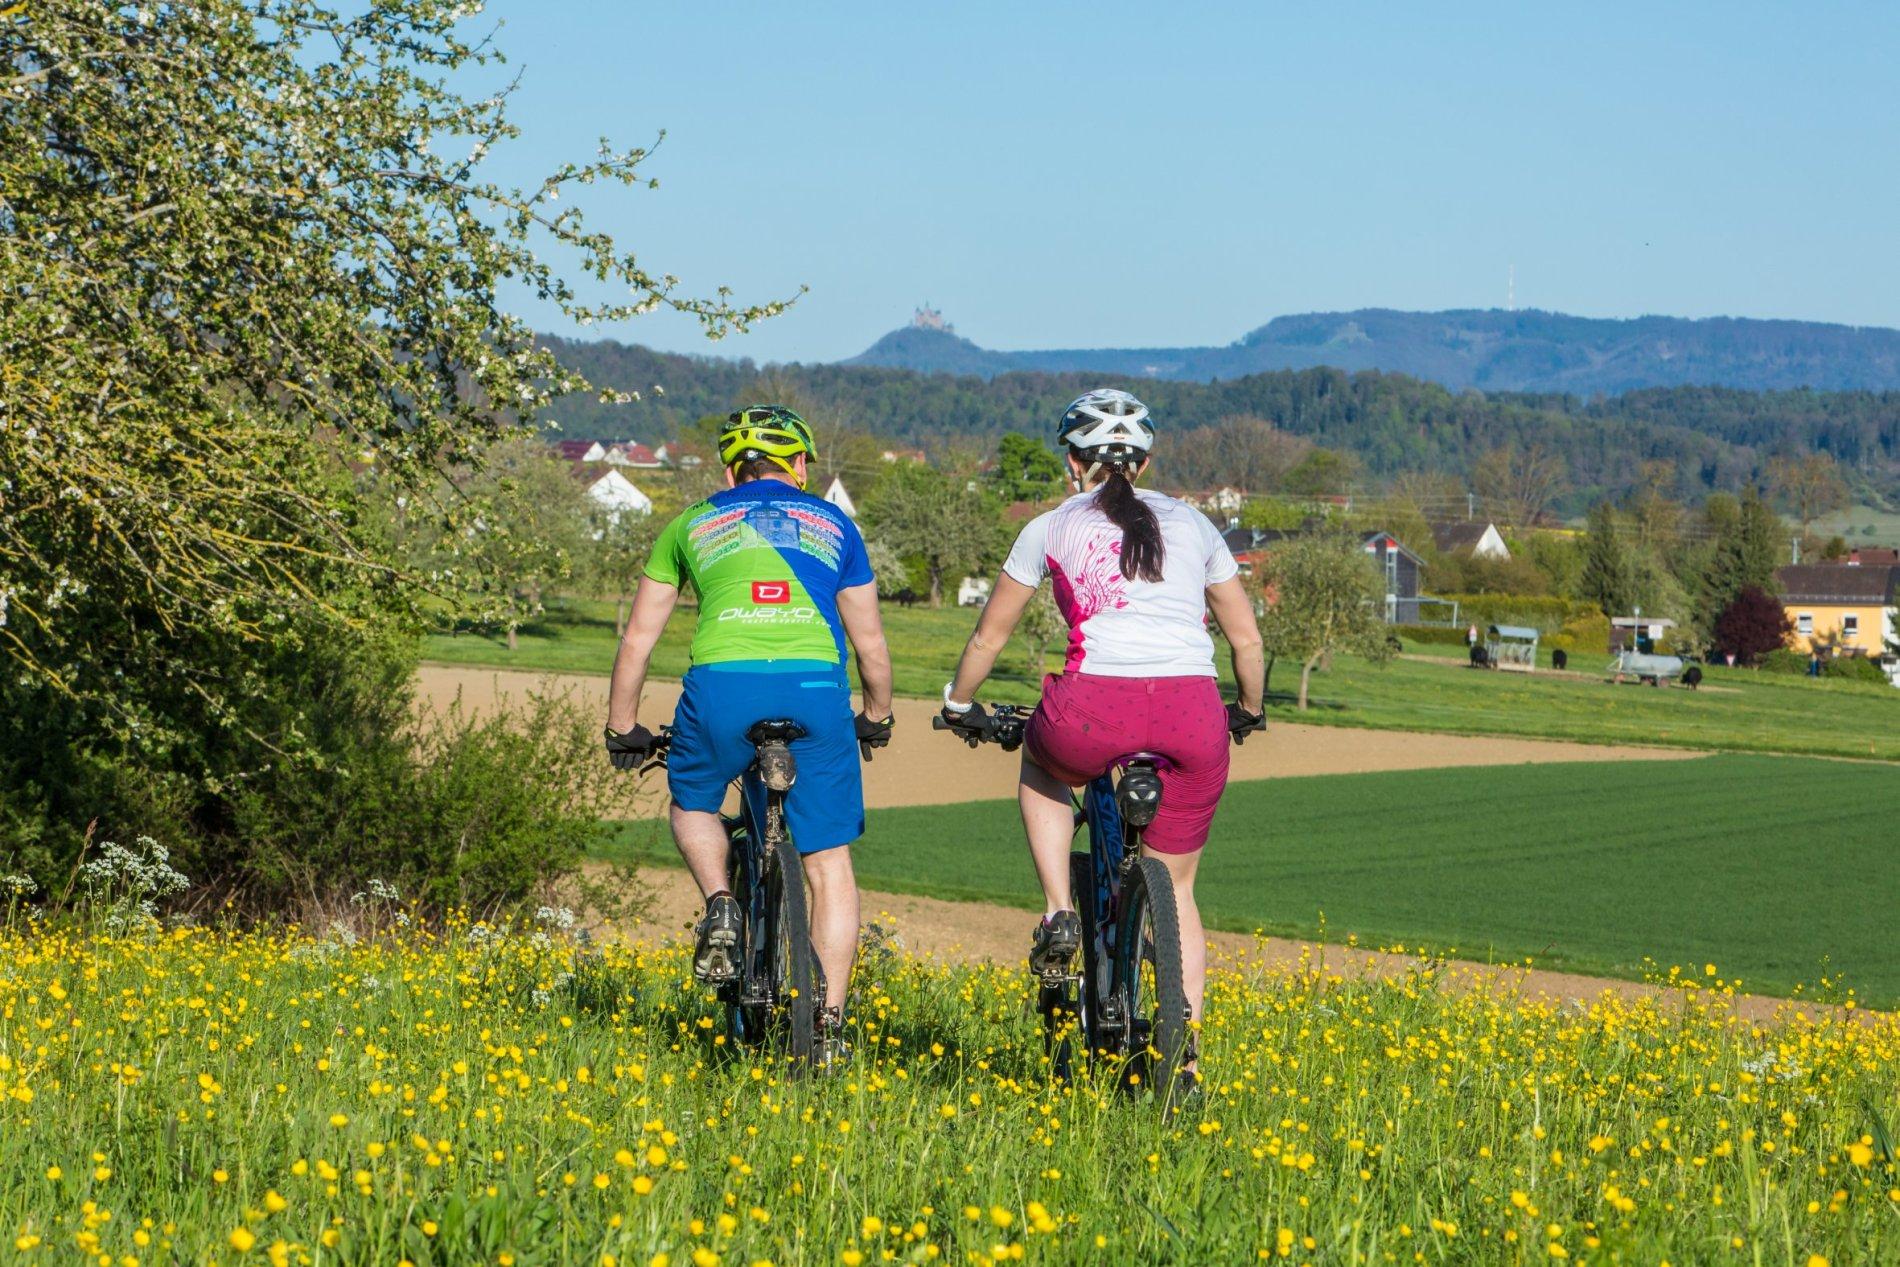 Radfahrer bei Haigerloch - im Hintergrund Burg Hohenzollern